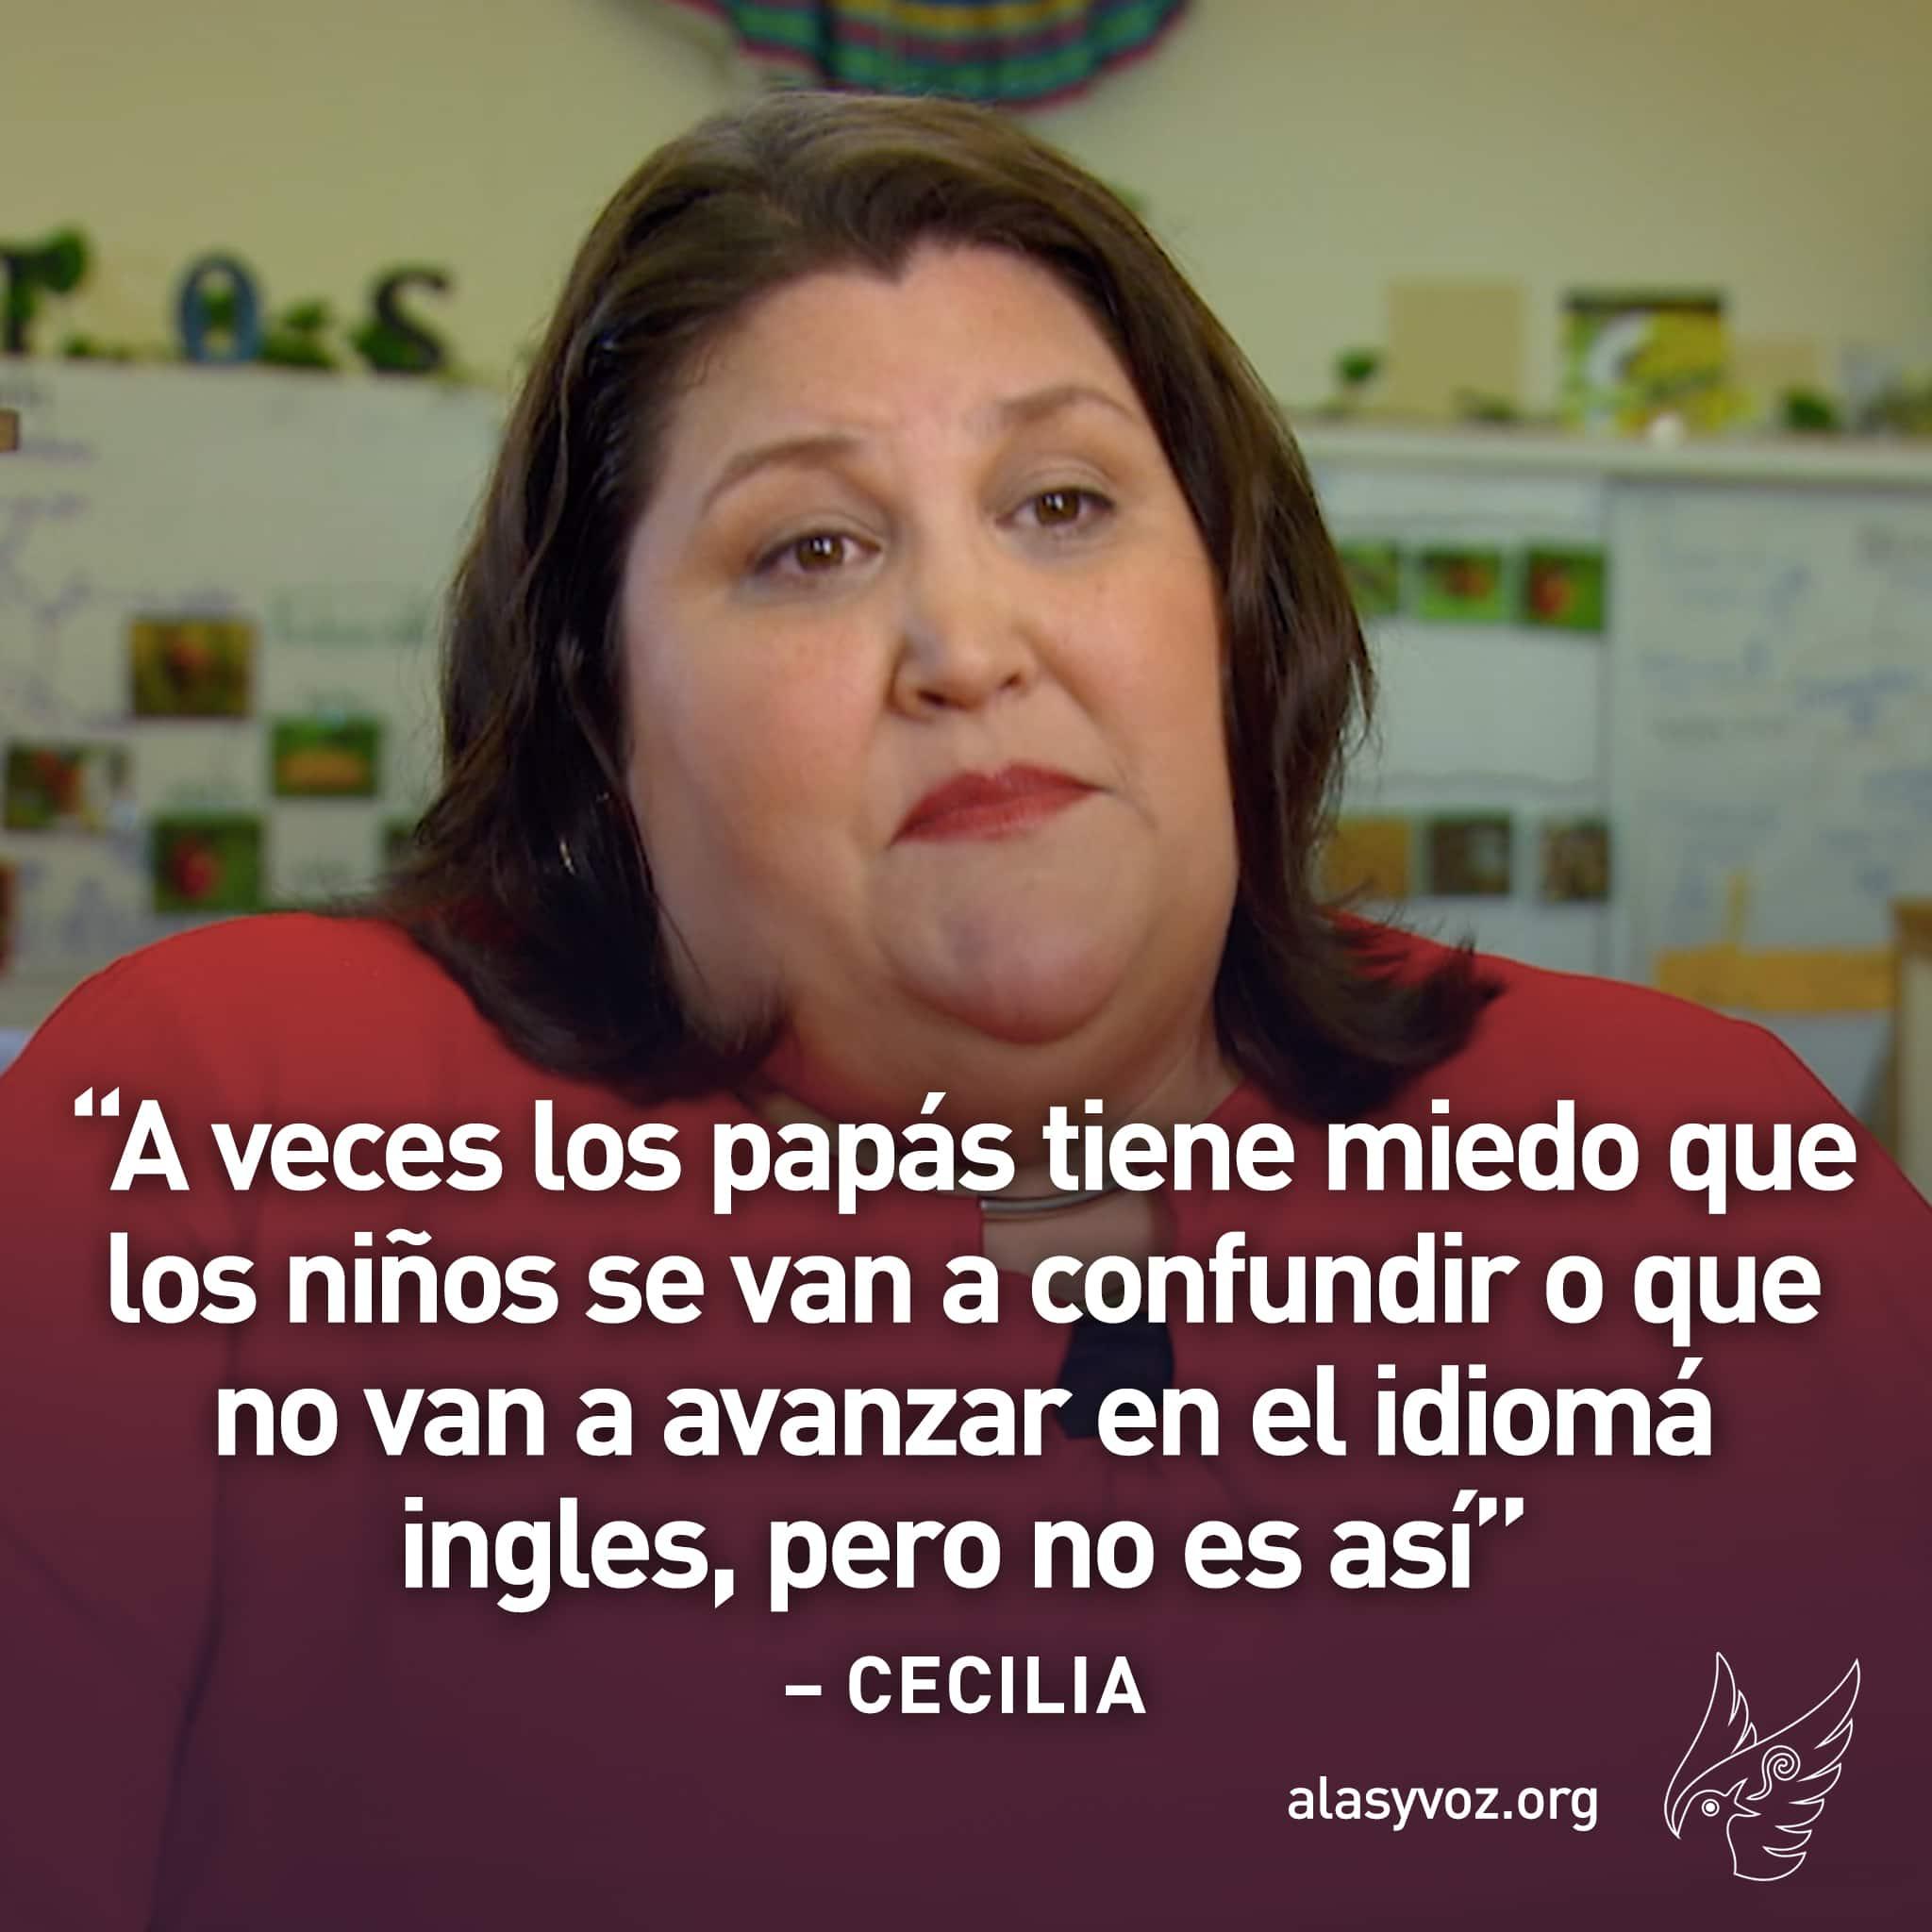 cecilia2